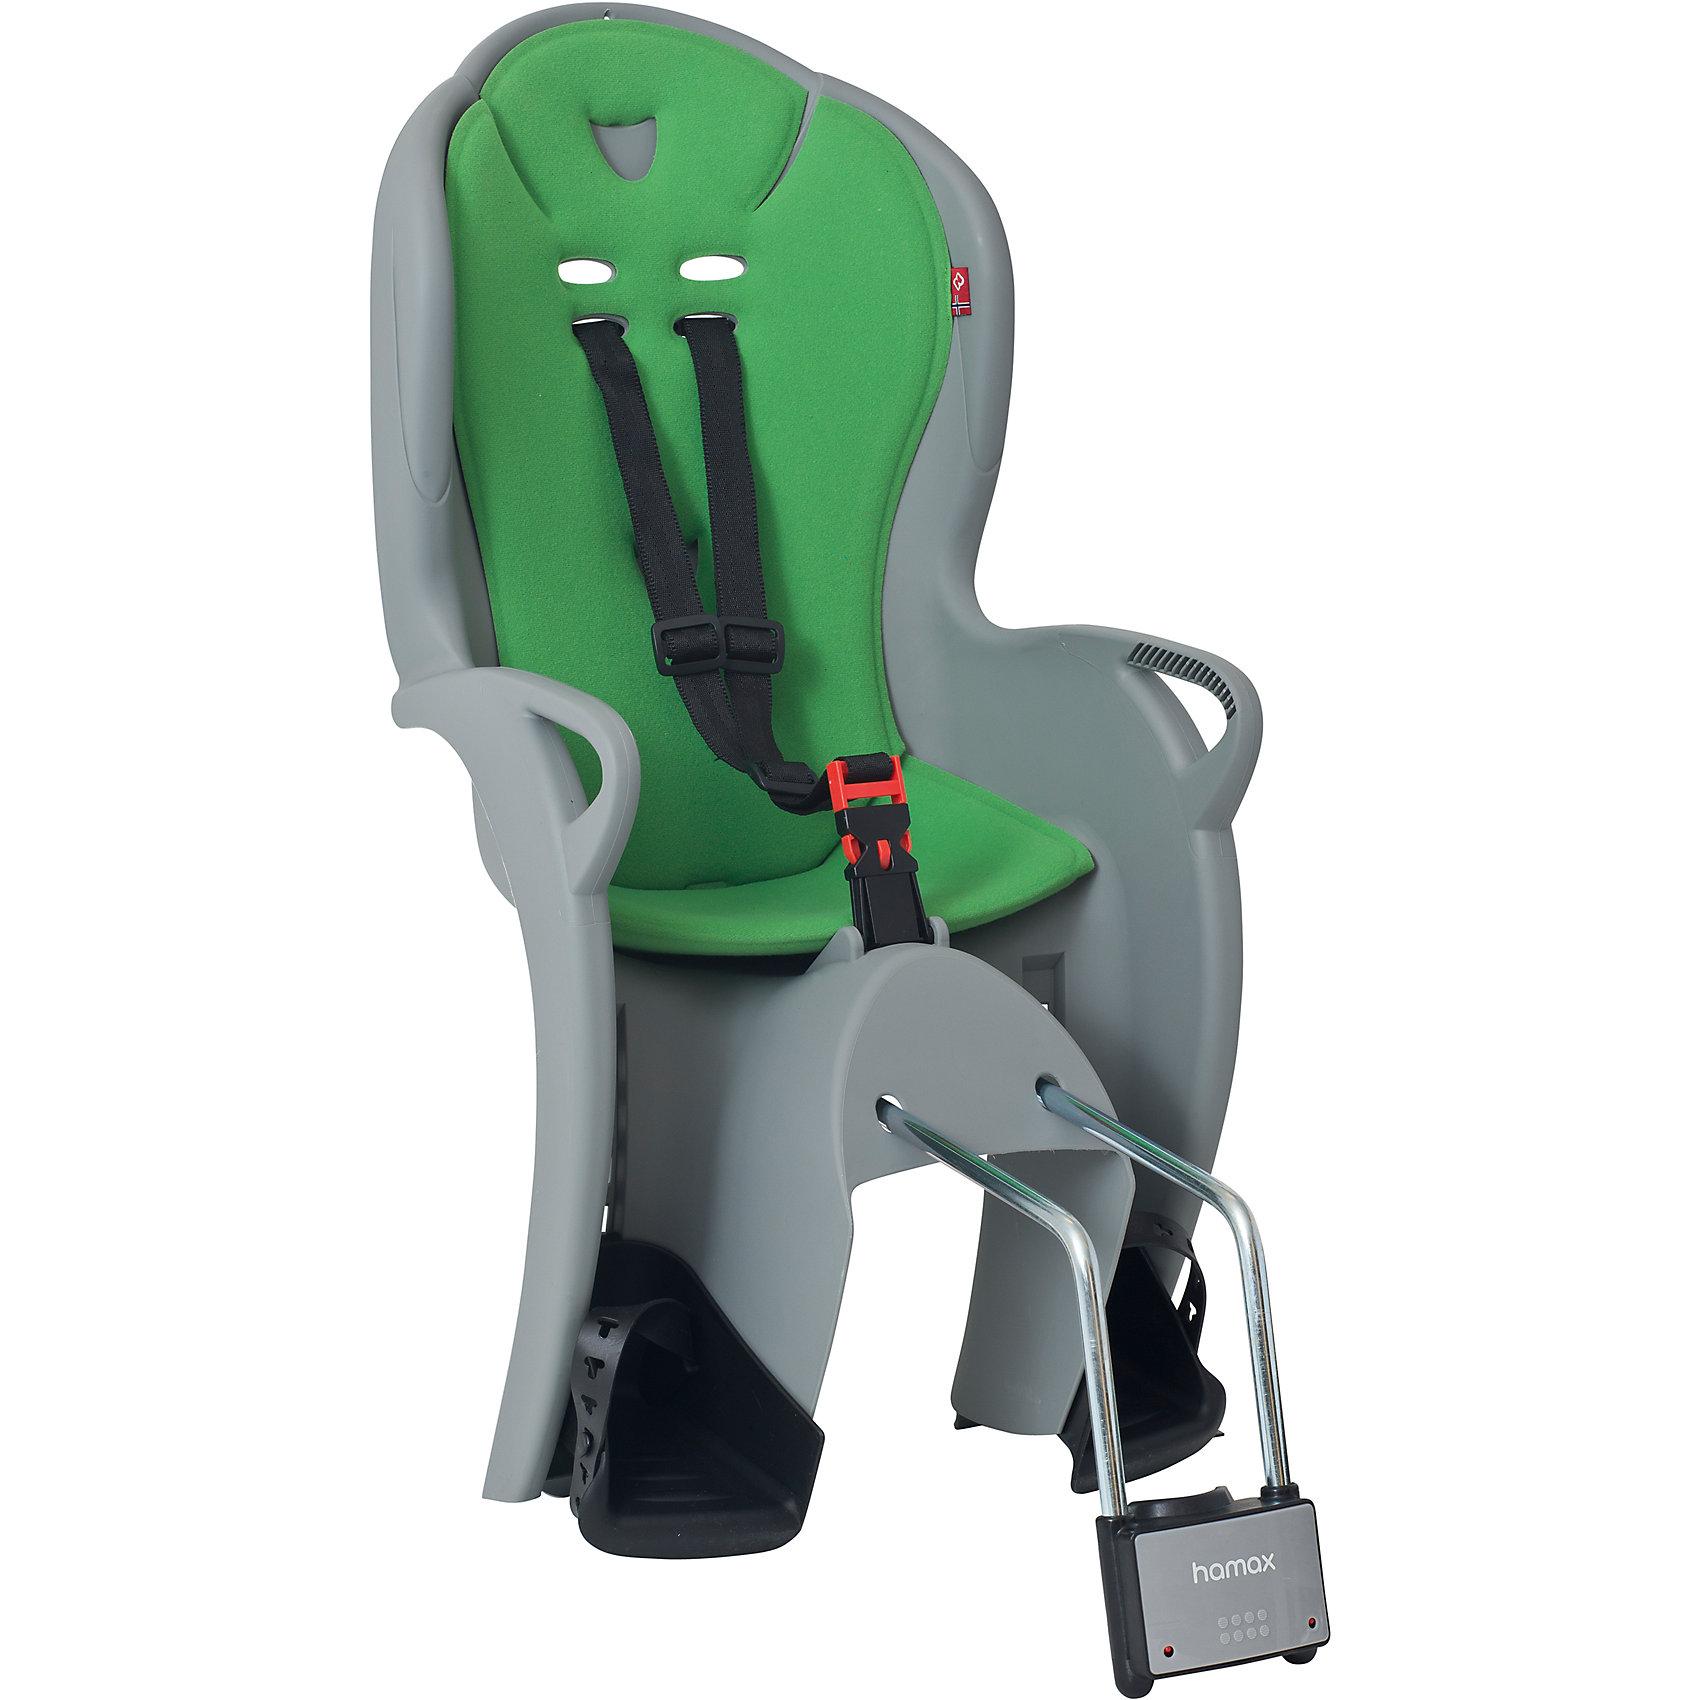 Детское велокресло Kiss, Hamax, серый/зеленыйАксеcсуары для велосипедов<br>Характеристики товара:<br><br>• цвет: серый, зеленый<br>• возраст: от 9 мес.<br>• ограничение по весу: до 22кг<br>• безопасный и простой монтаж<br>• регулируемый ремень безопасности и опоры<br>• пояс-пряжка не может быть открыт ребенком<br>• высокая задняя опора<br>• установка на раму с диаметром трубы 28-40 мм<br>• тросики в области крепления не помешают установке<br>• материал: полипропилен, текстиль, металл<br>• страна бренда: Польша<br>• вес: 3590гр<br>• размер: 38х79х35см<br><br>Функциональное и удобное велокресло Hamax Kiss обеспечит комфорт и безопасность вашему ребенку во время велопрогулок.<br><br>Hamax рекомендует, что ребенок должен всегда носить шлем при использовании детского сиденья.<br><br>Детское велокресло Kiss, Hamax, серый можно купить в нашем интернет-магазине.<br><br>Ширина мм: 380<br>Глубина мм: 790<br>Высота мм: 350<br>Вес г: 3590<br>Возраст от месяцев: 9<br>Возраст до месяцев: 48<br>Пол: Унисекс<br>Возраст: Детский<br>SKU: 5582599